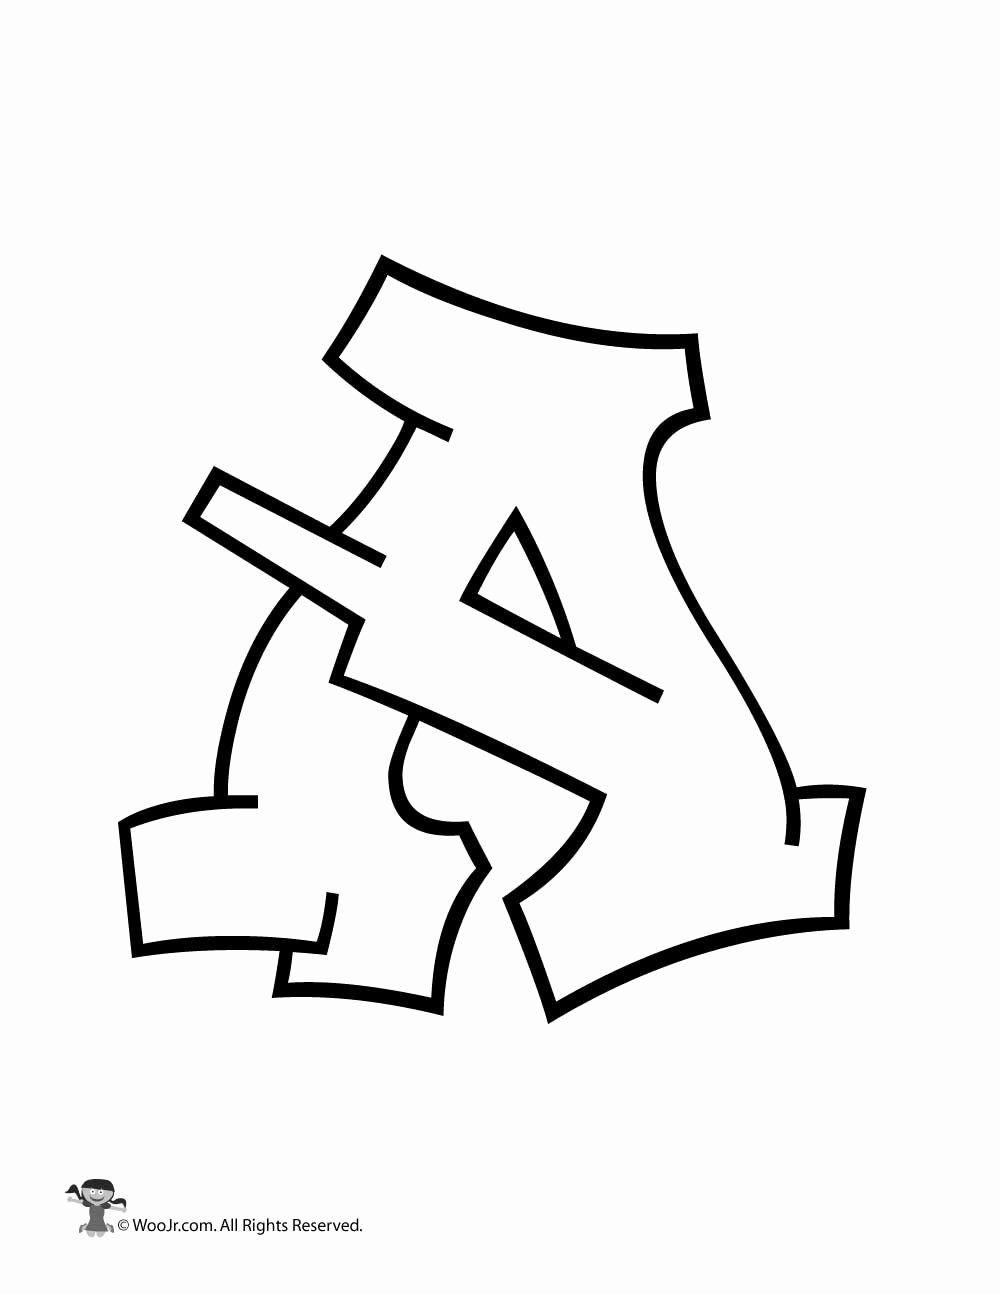 Alphabet Coloring Pages A Z Printable Luxury Bubble Writing Coloring Pages Unique Printable G In 2020 Graffiti Lettering Alphabet Graffiti Text Bubble Letters Alphabet